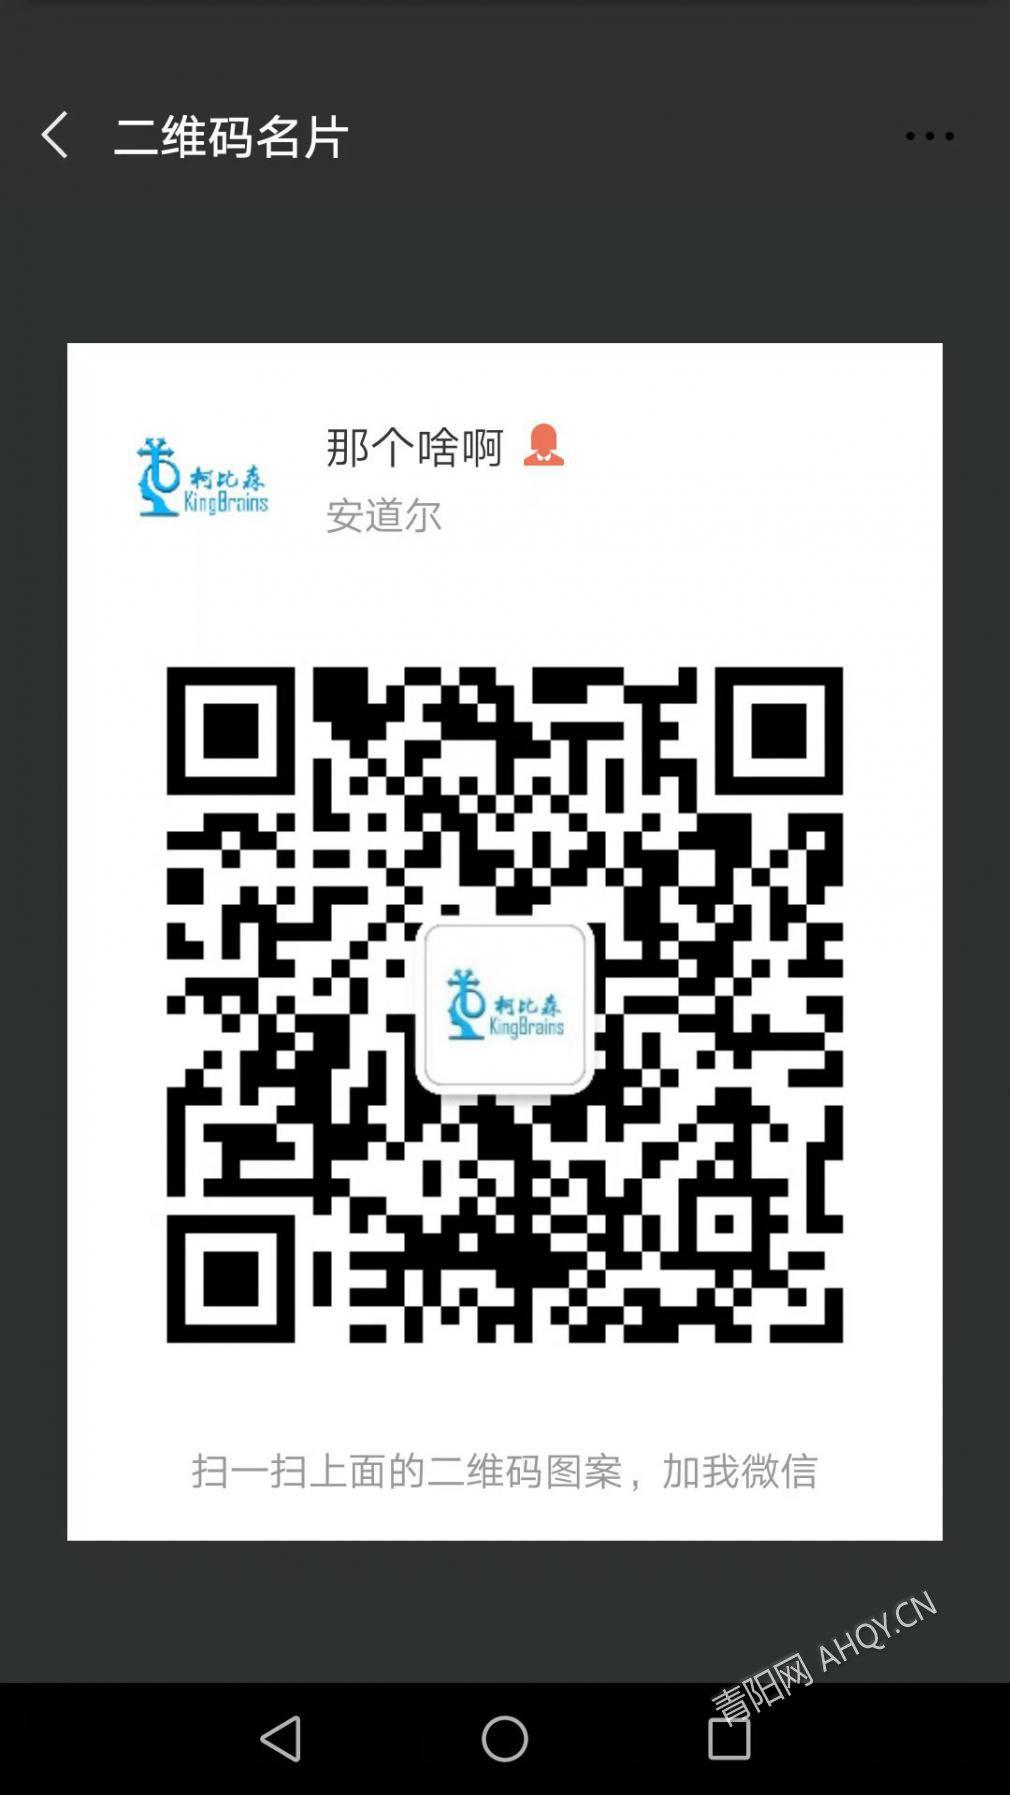 杜坤微信二维码图.jpg